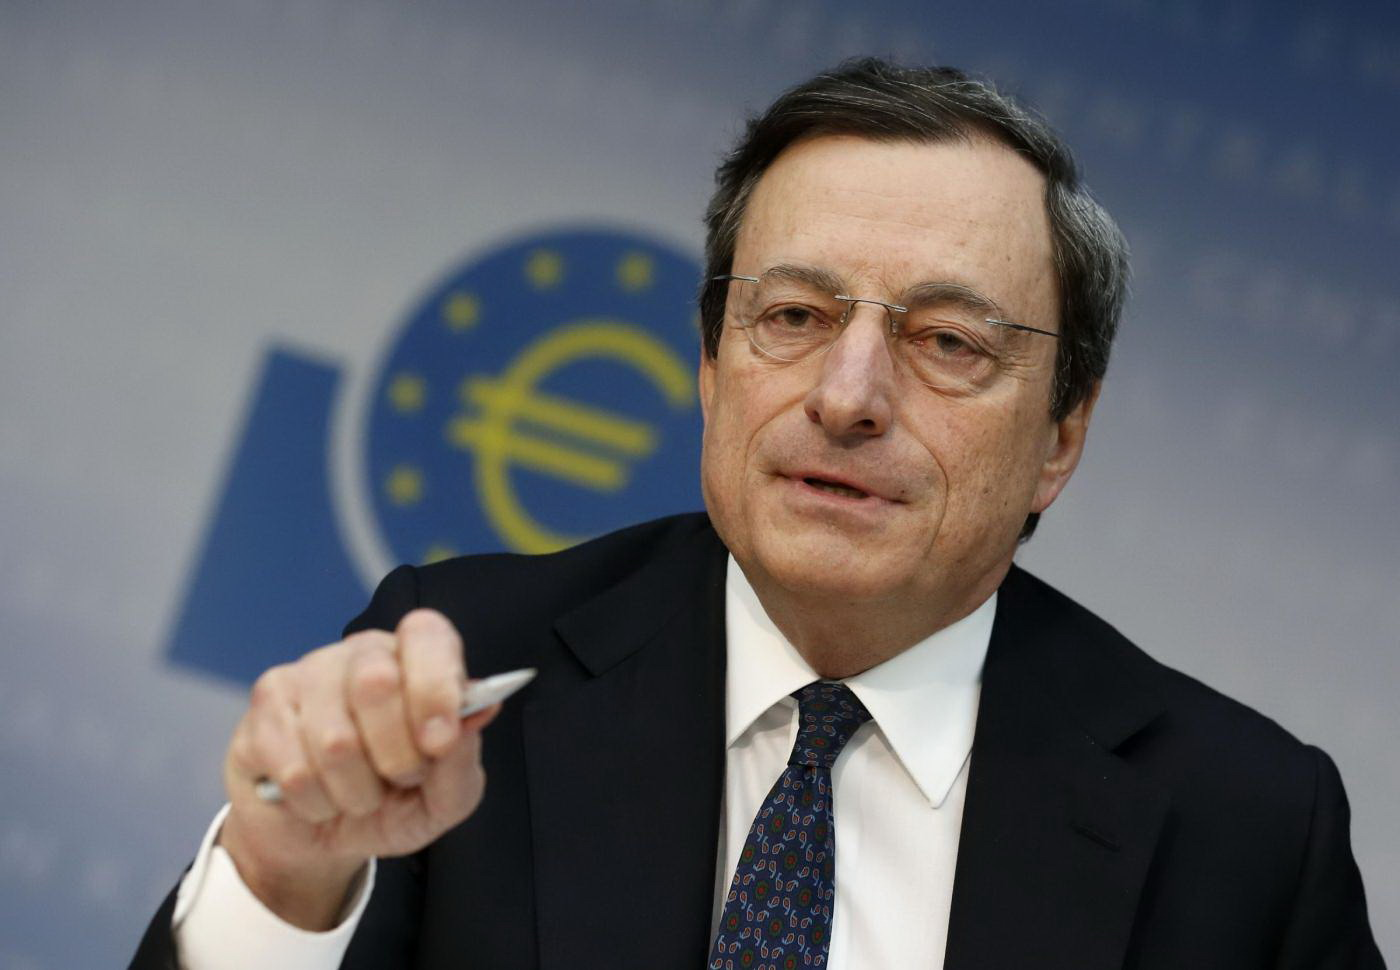 Τουρκία: Σφοδρές αντιδράσεις για τις δηλώσεις Draghi